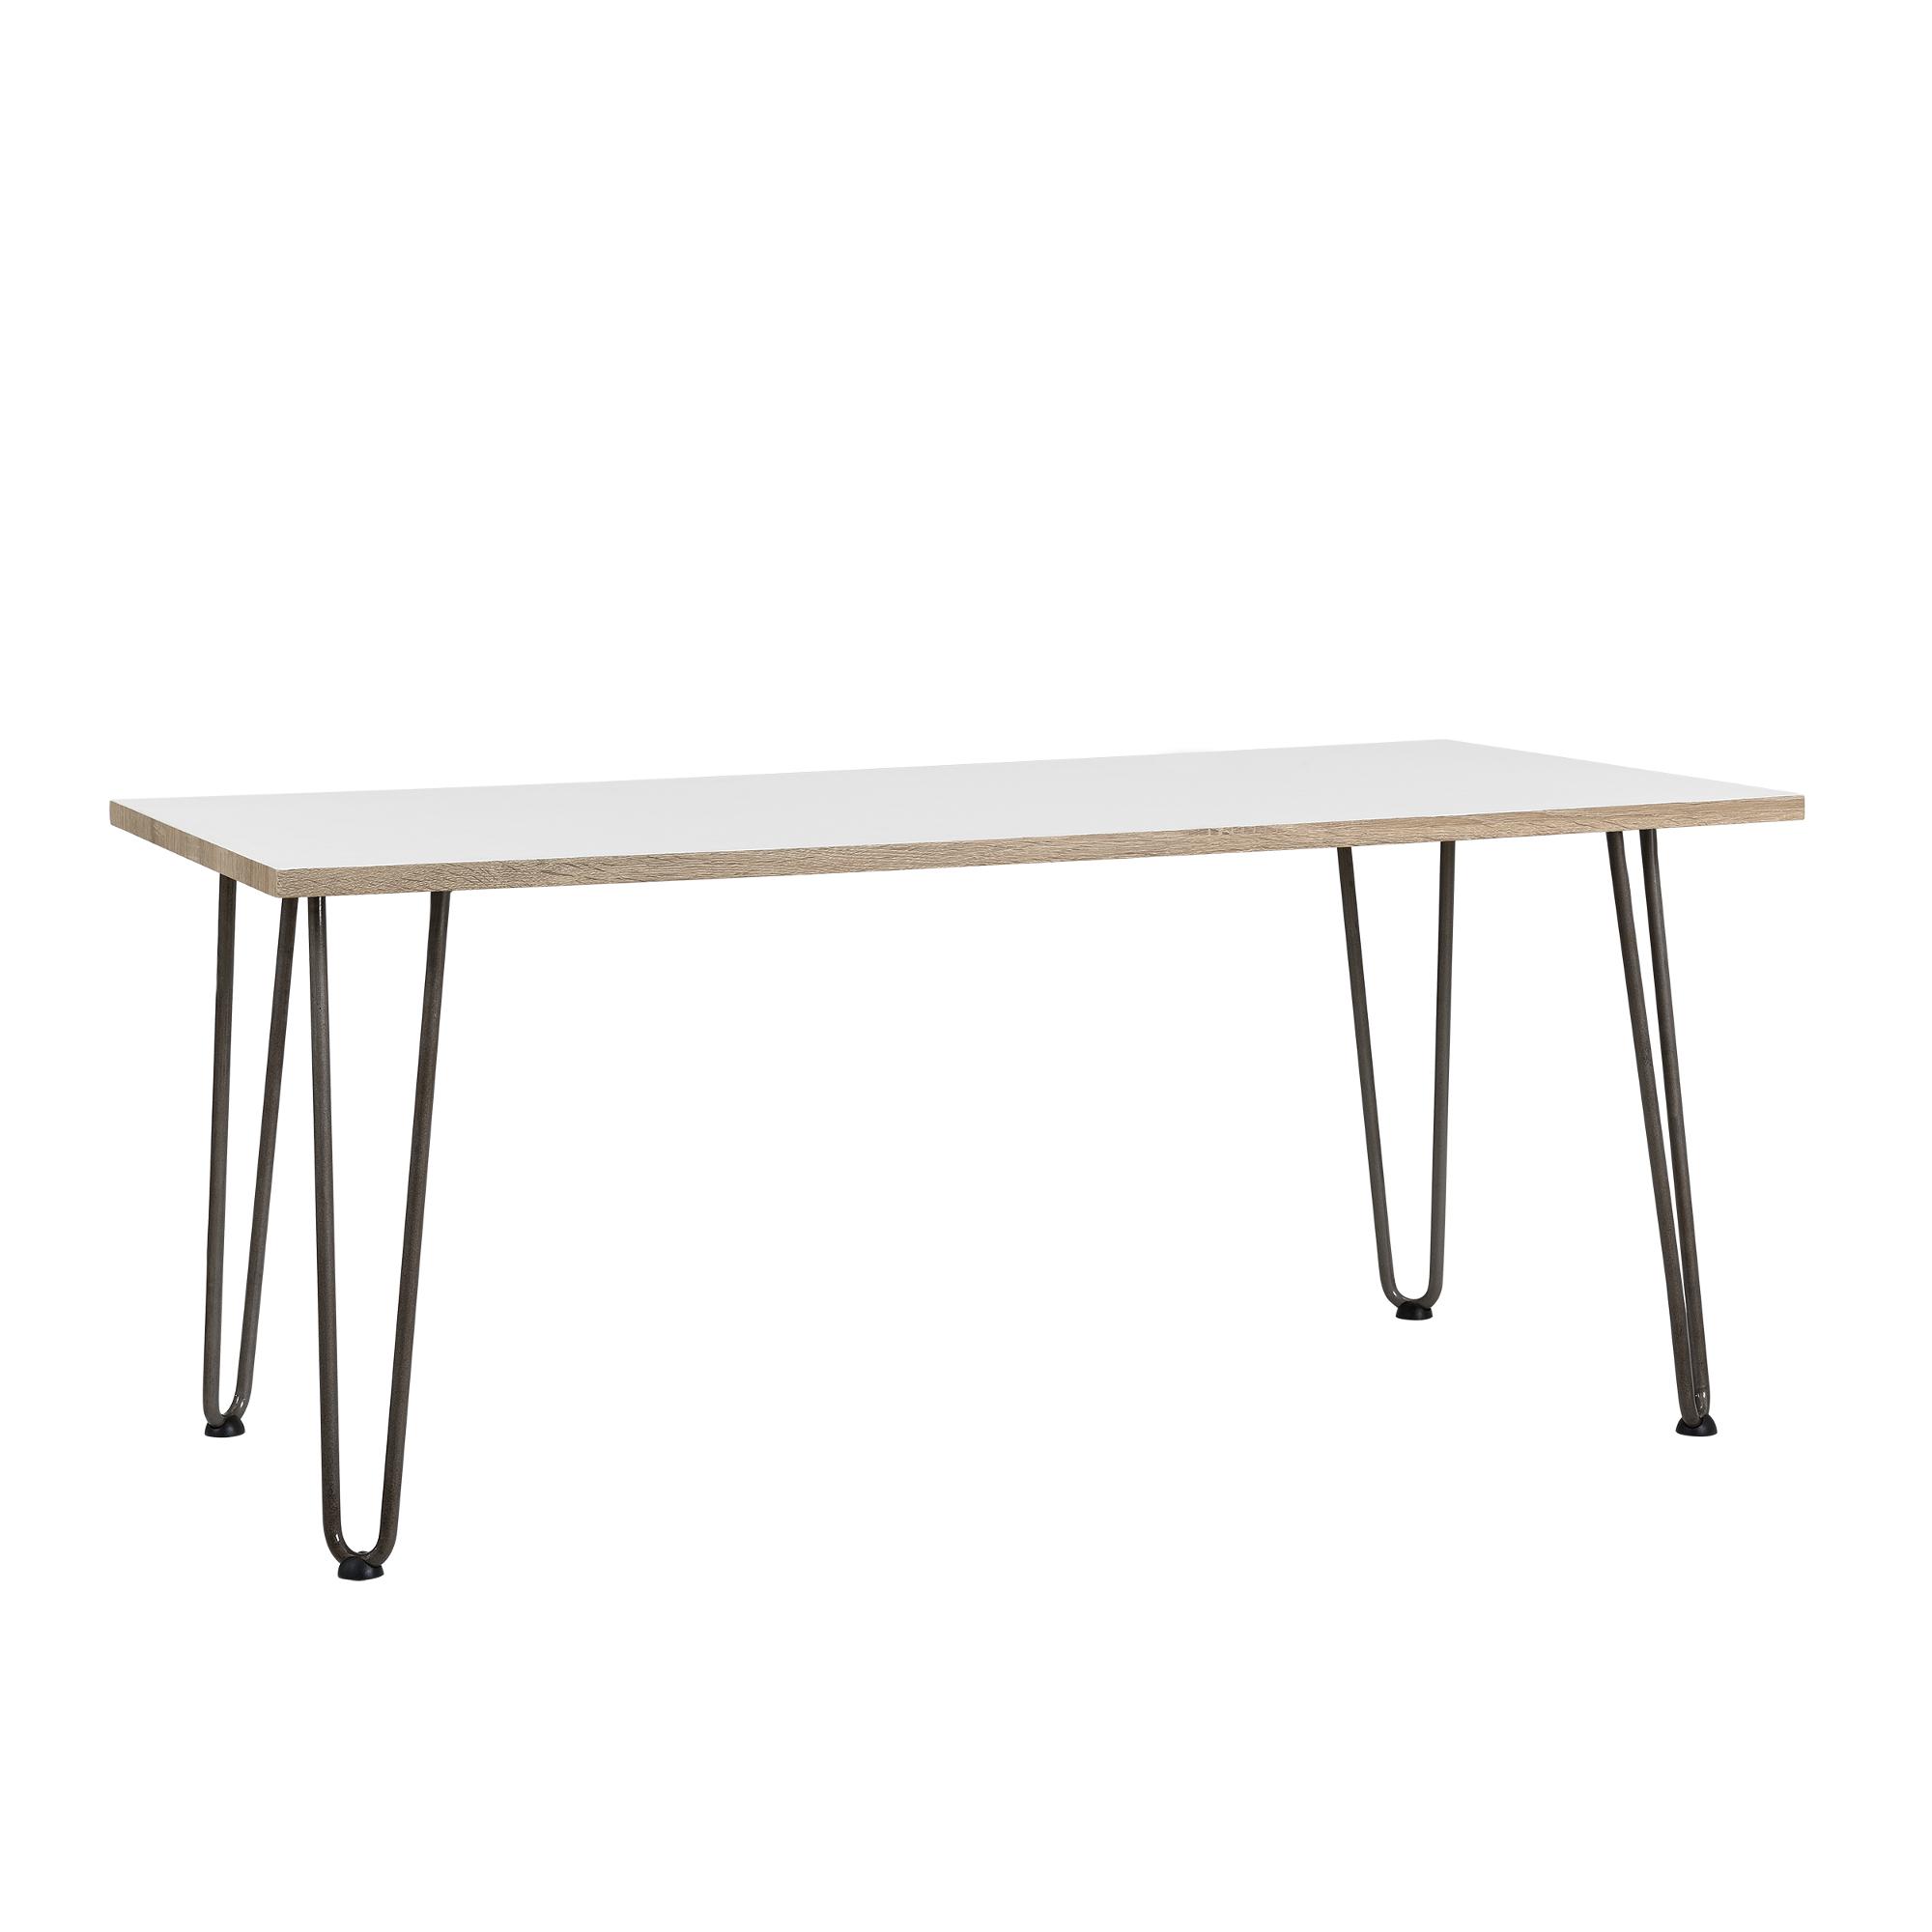 en.casa]® 4x Hairpin Leg gambe tavolo metallo DIY 40cm acciaio ...